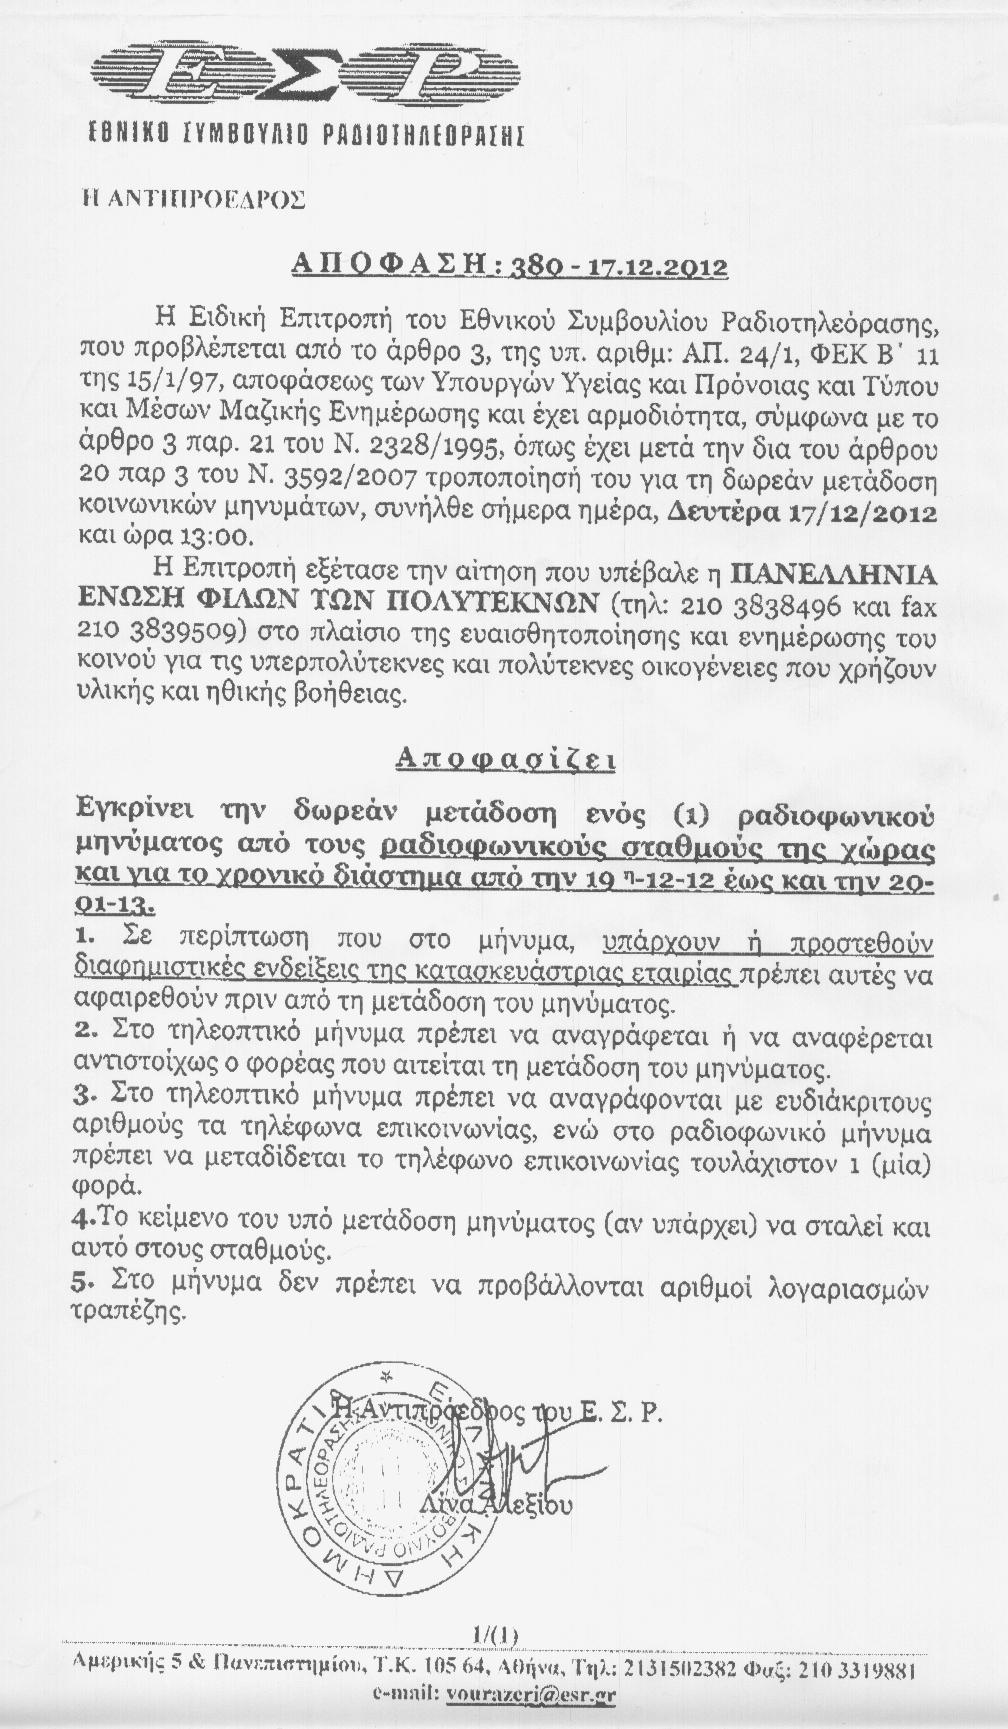 ΑΠΟΦΑΣΗ ΕΣΡ 380